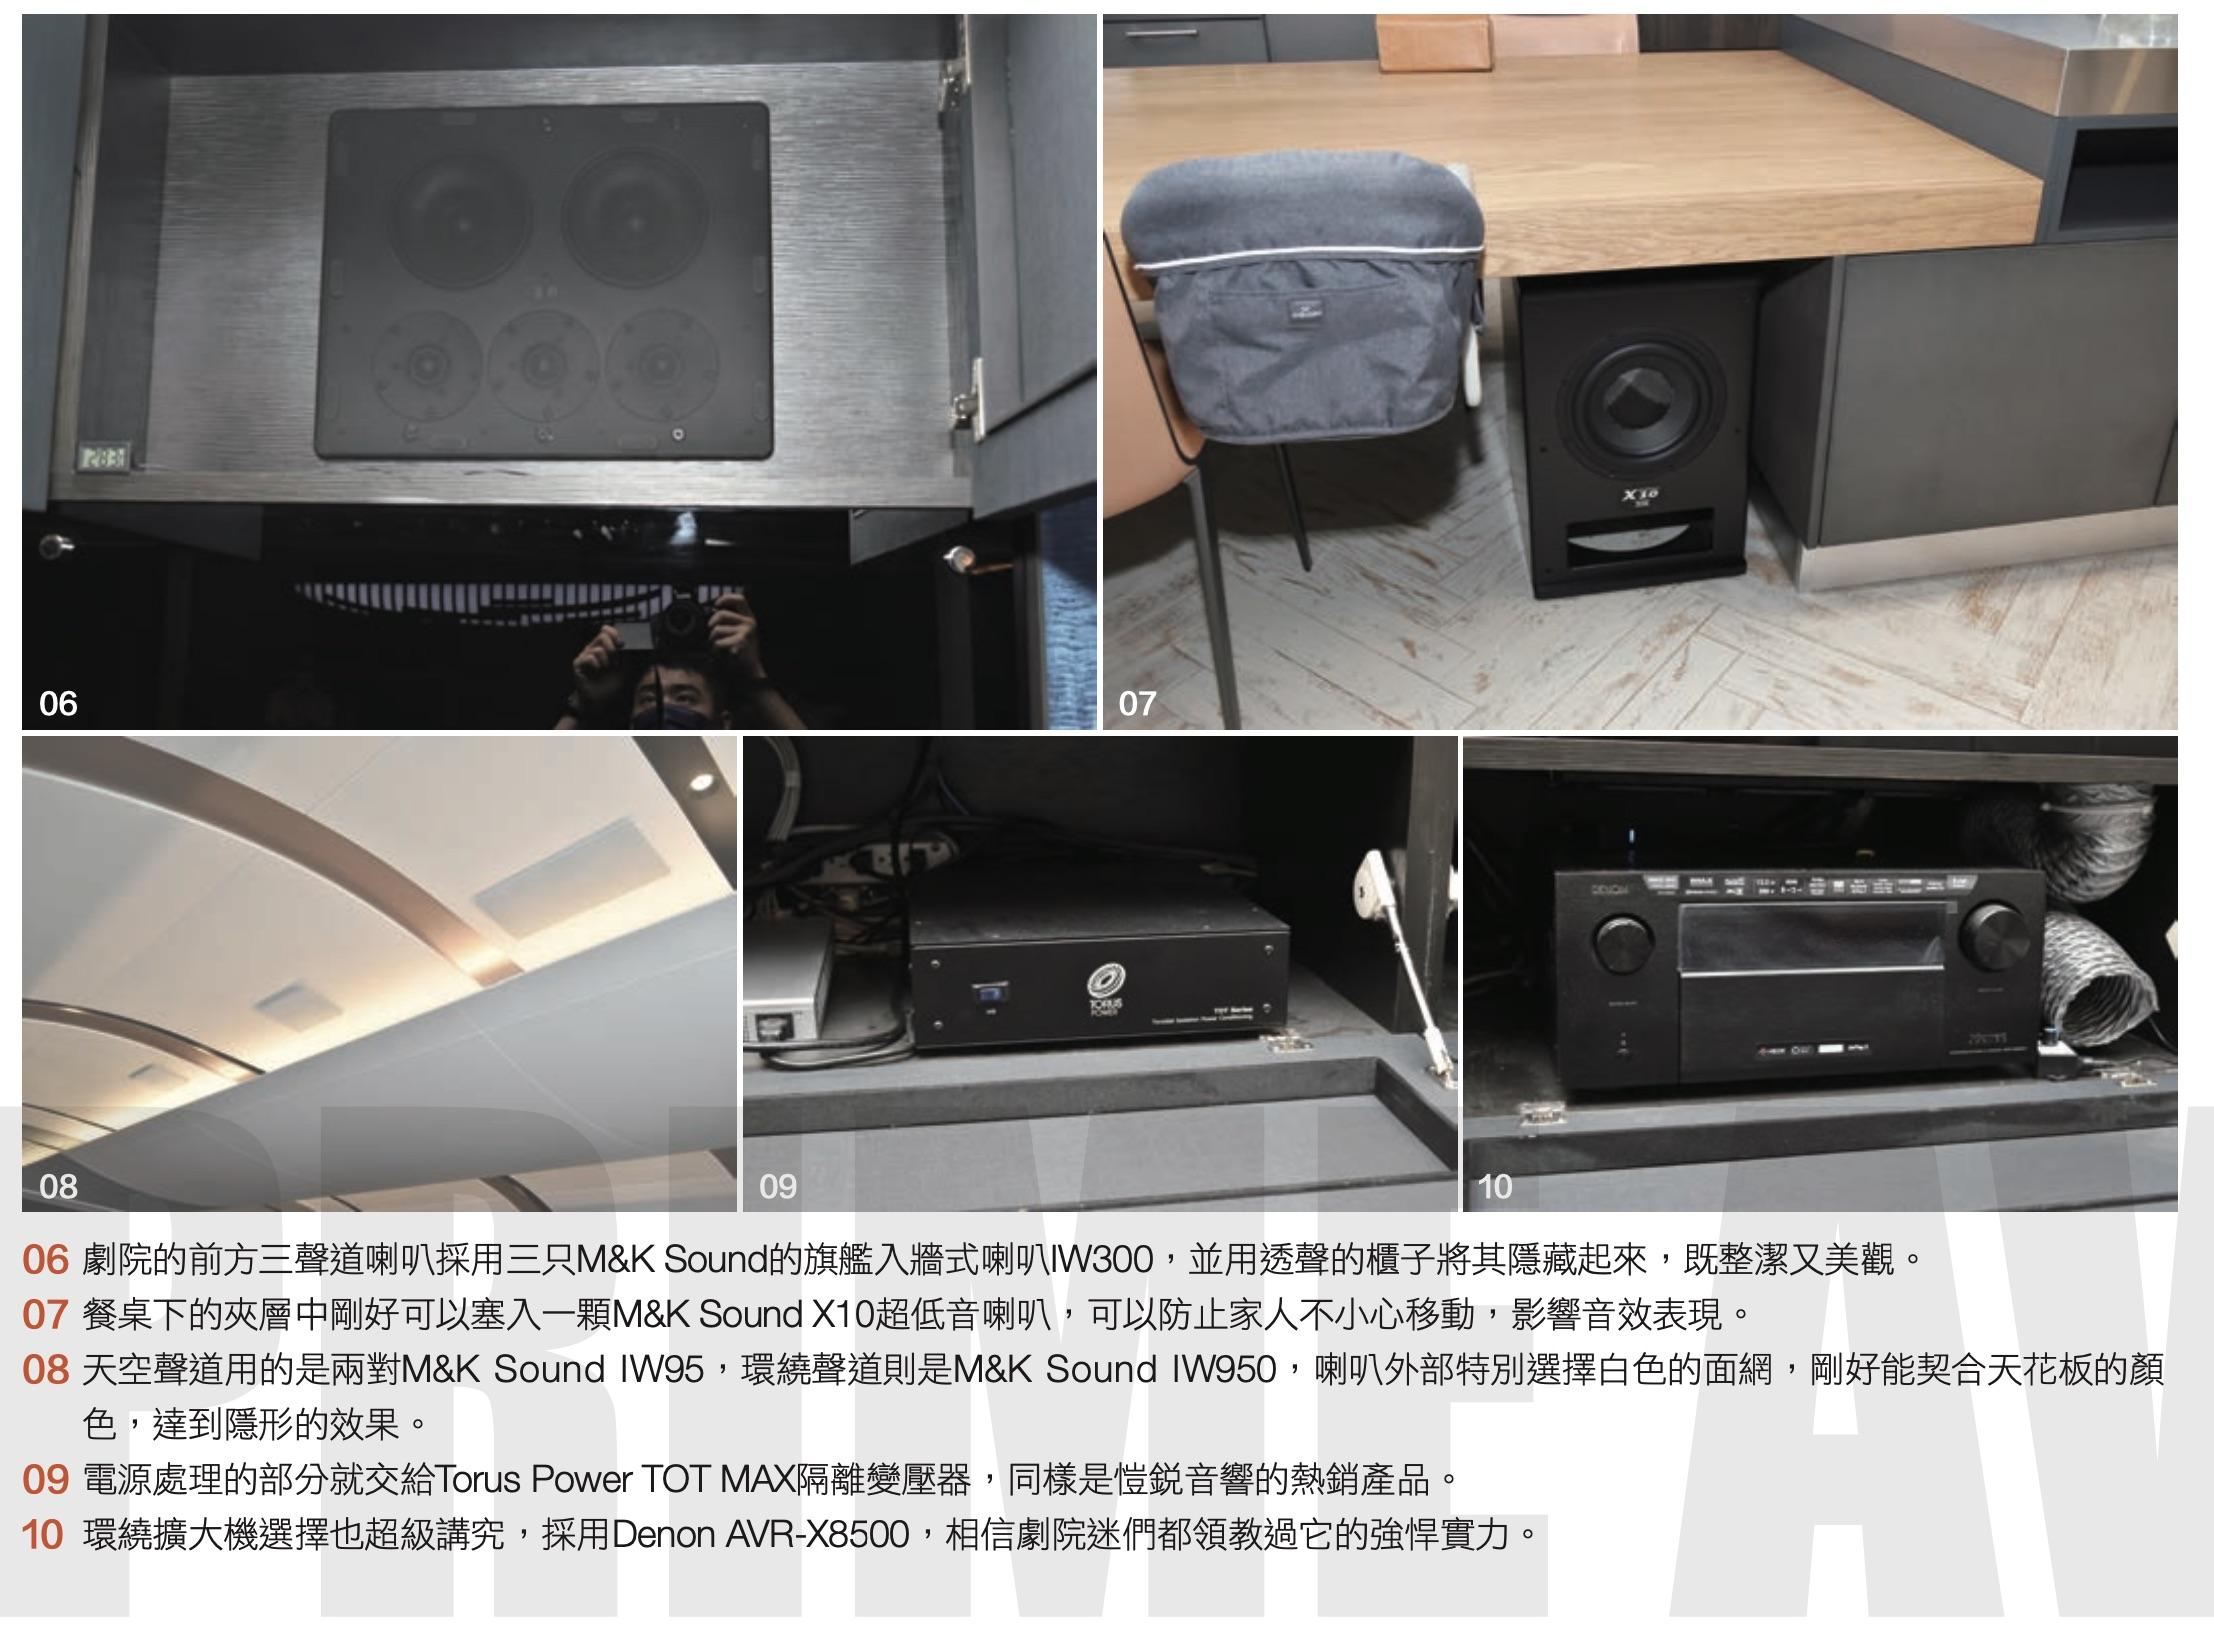 超低音 torus power 電源 處理器